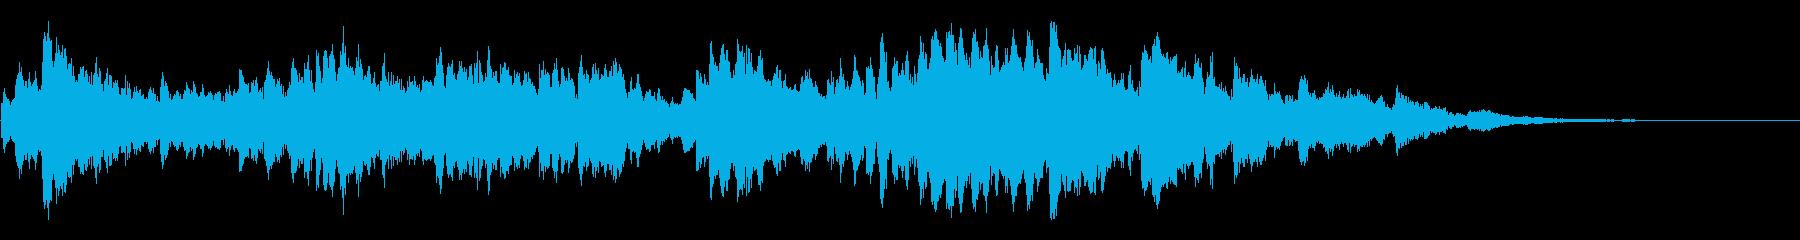 怪しい雰囲気のオルゴール曲の再生済みの波形